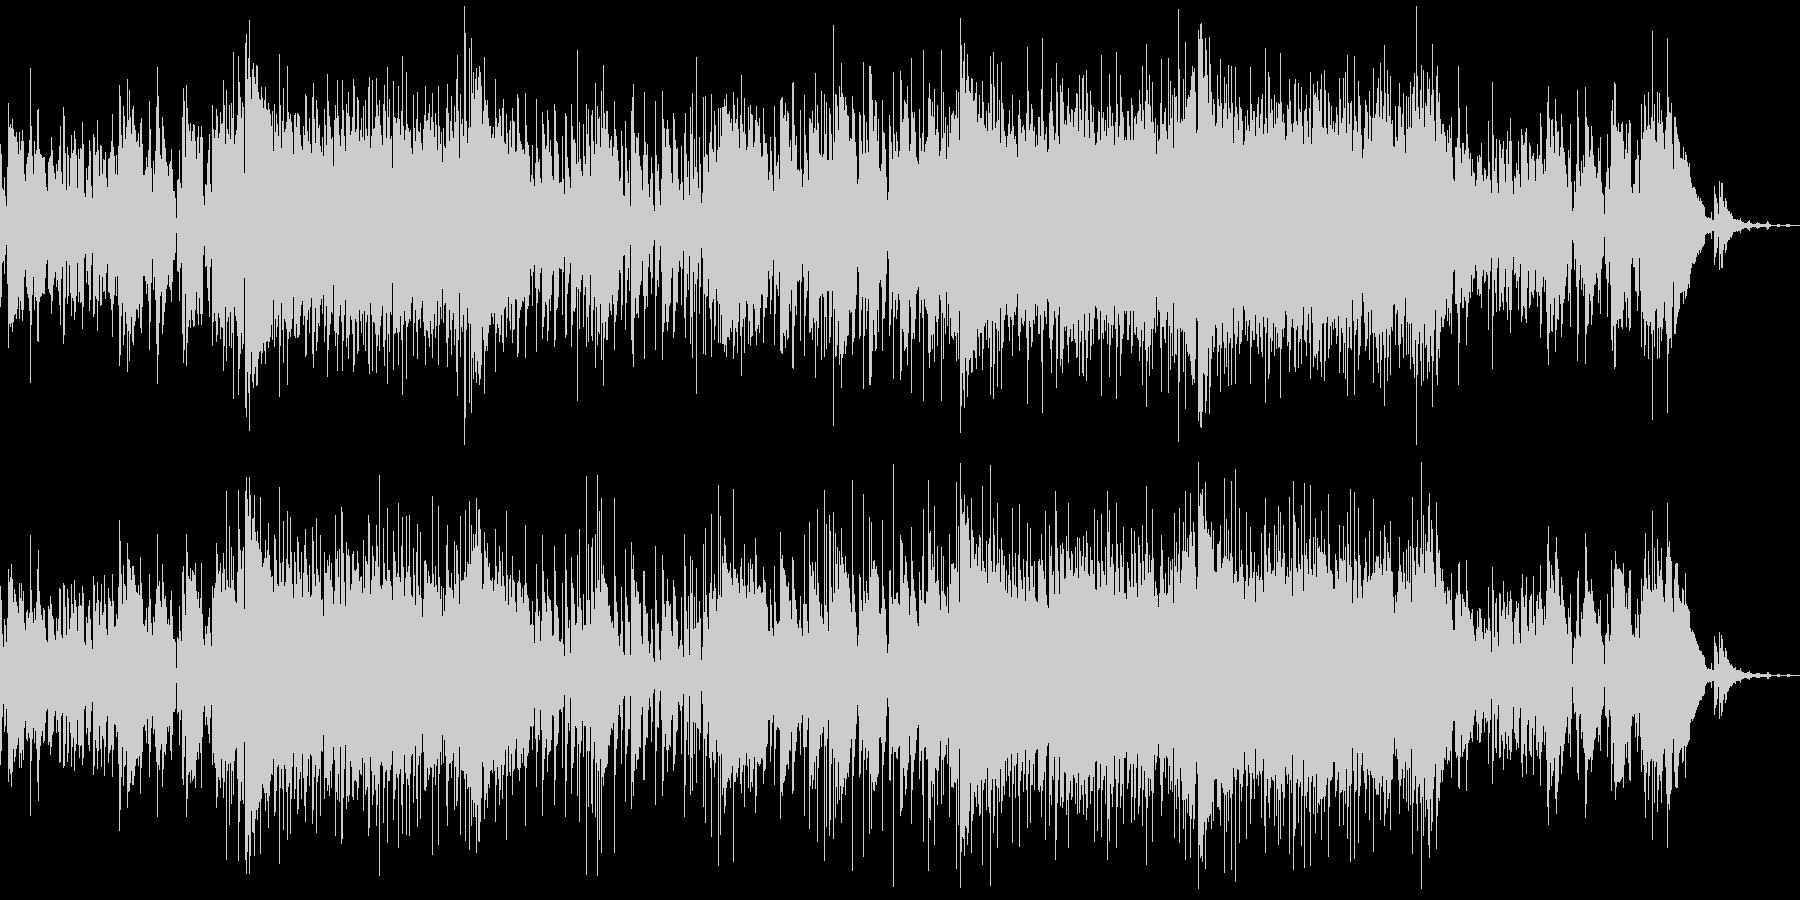 楽しい夏を演出する生演奏ウクレレ曲の未再生の波形